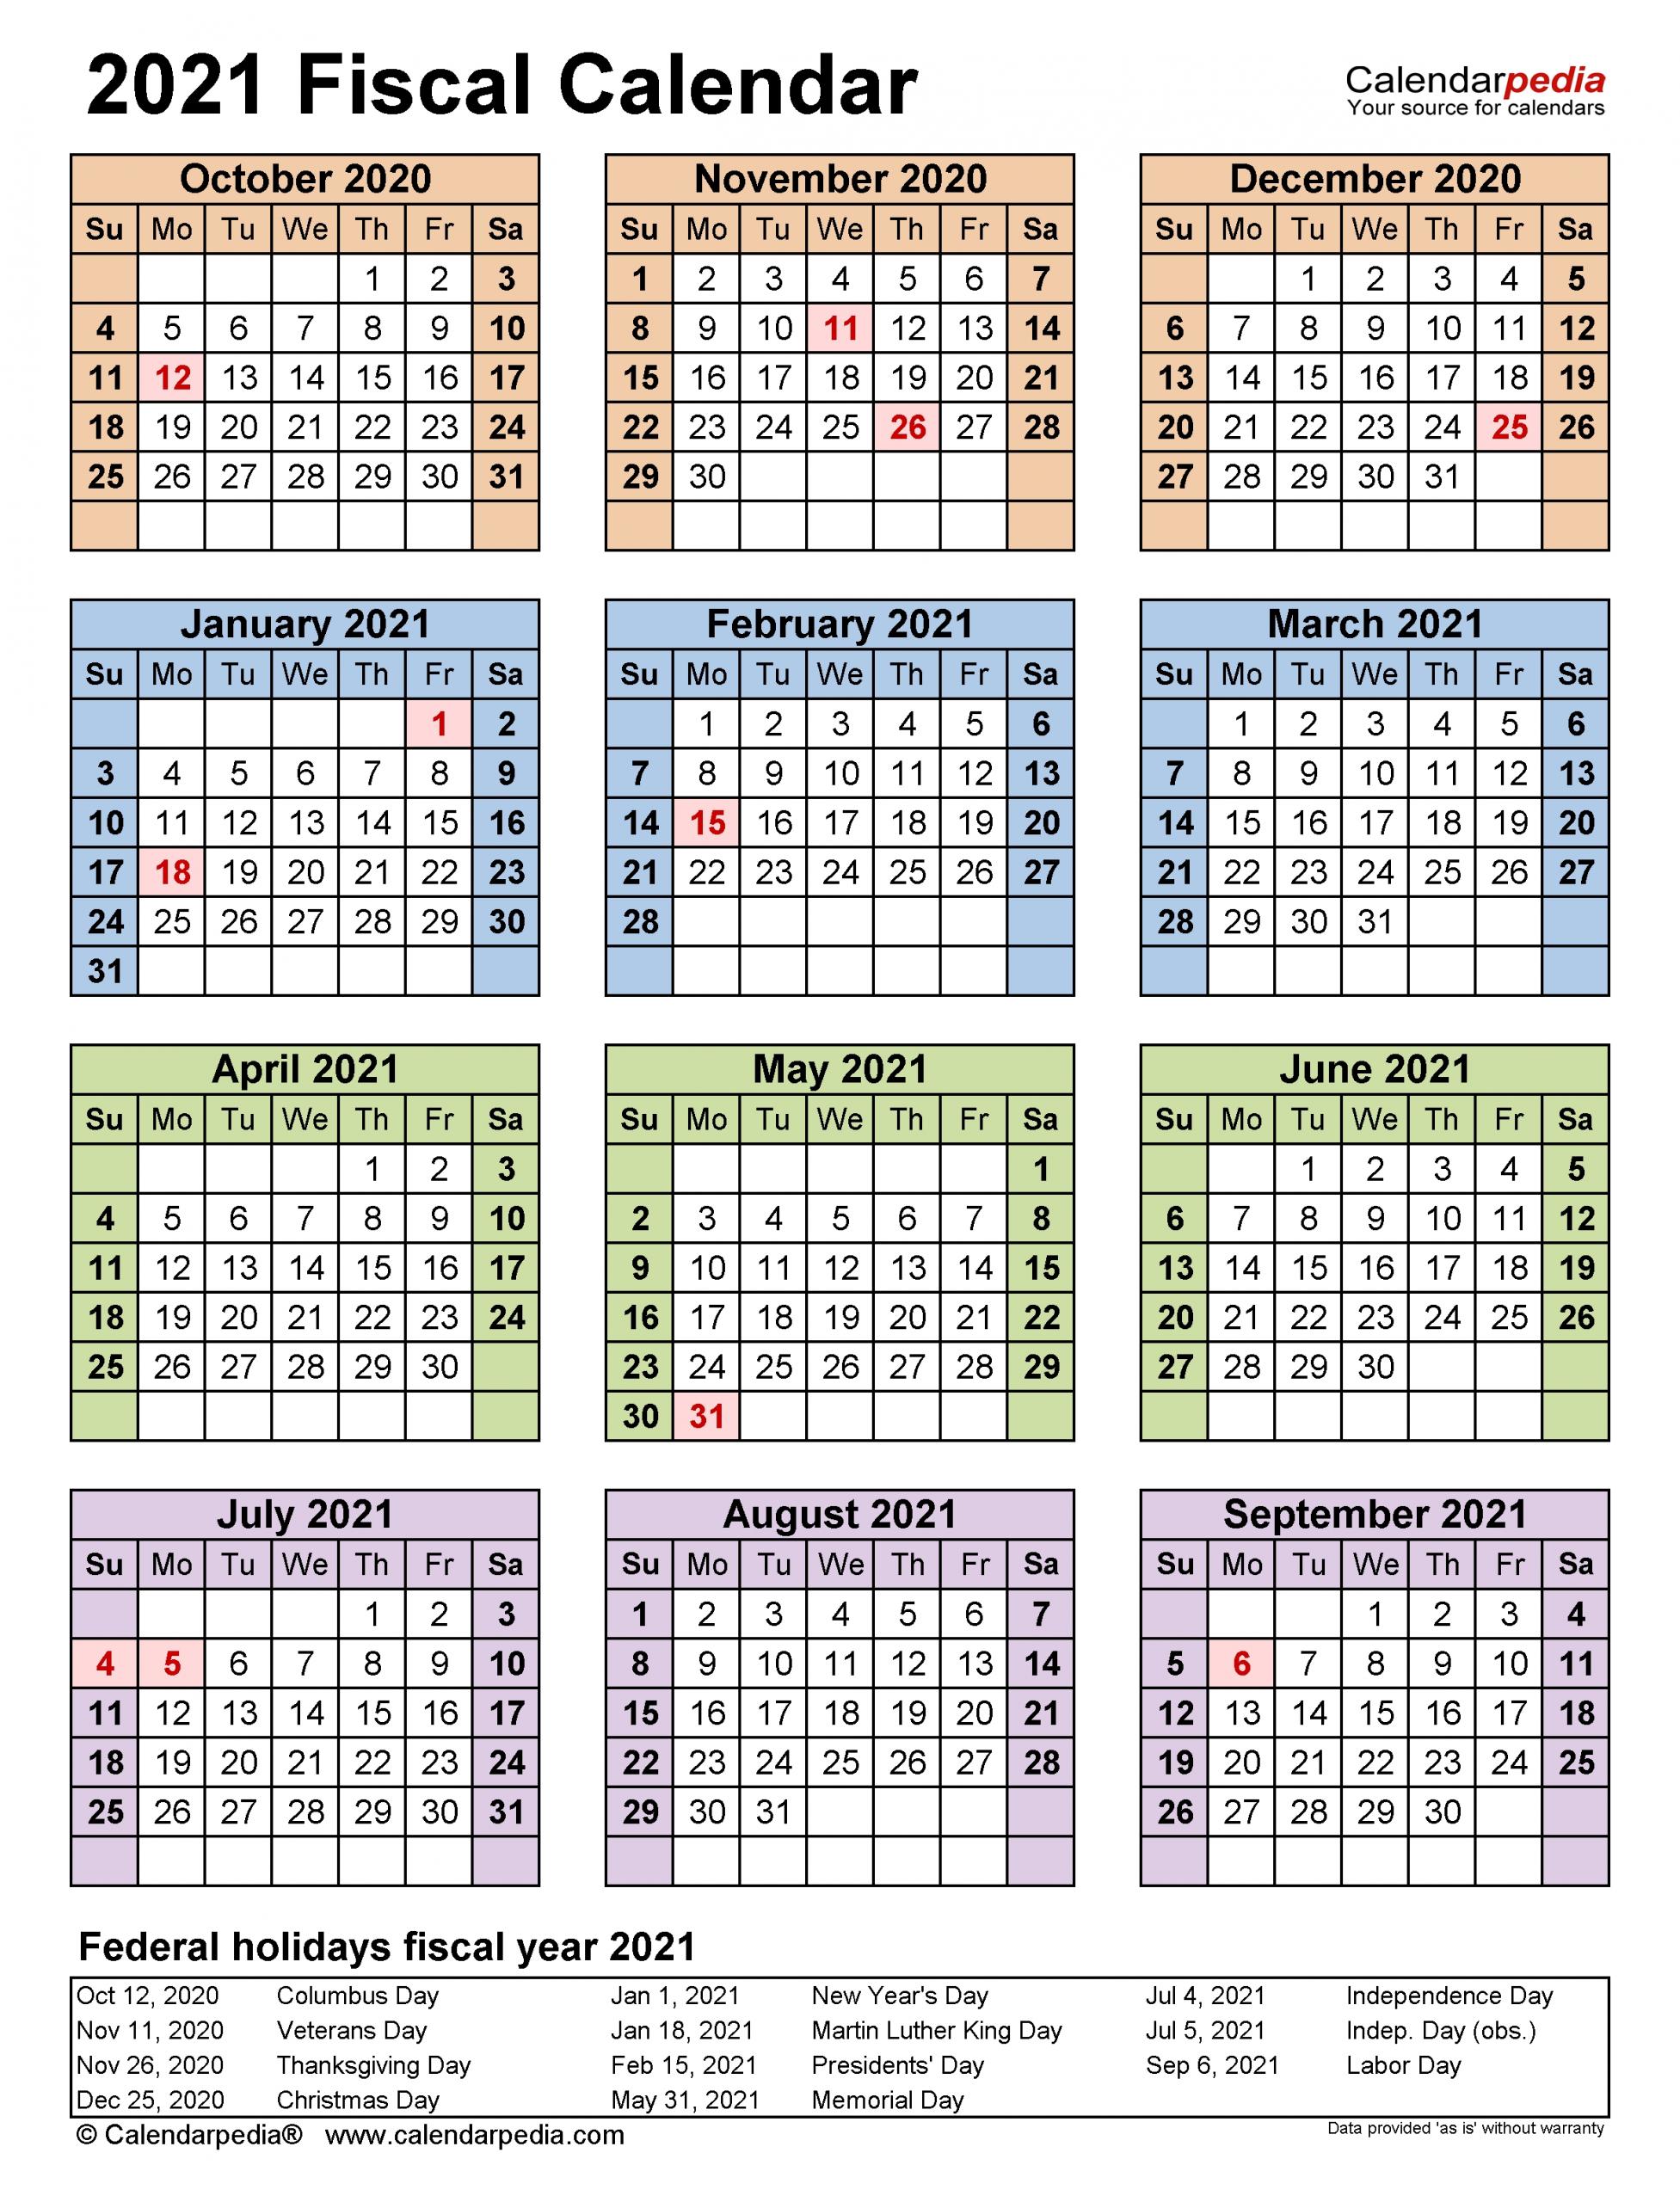 Payroll Calendar 2021 Creator | Payroll Calendar 2021